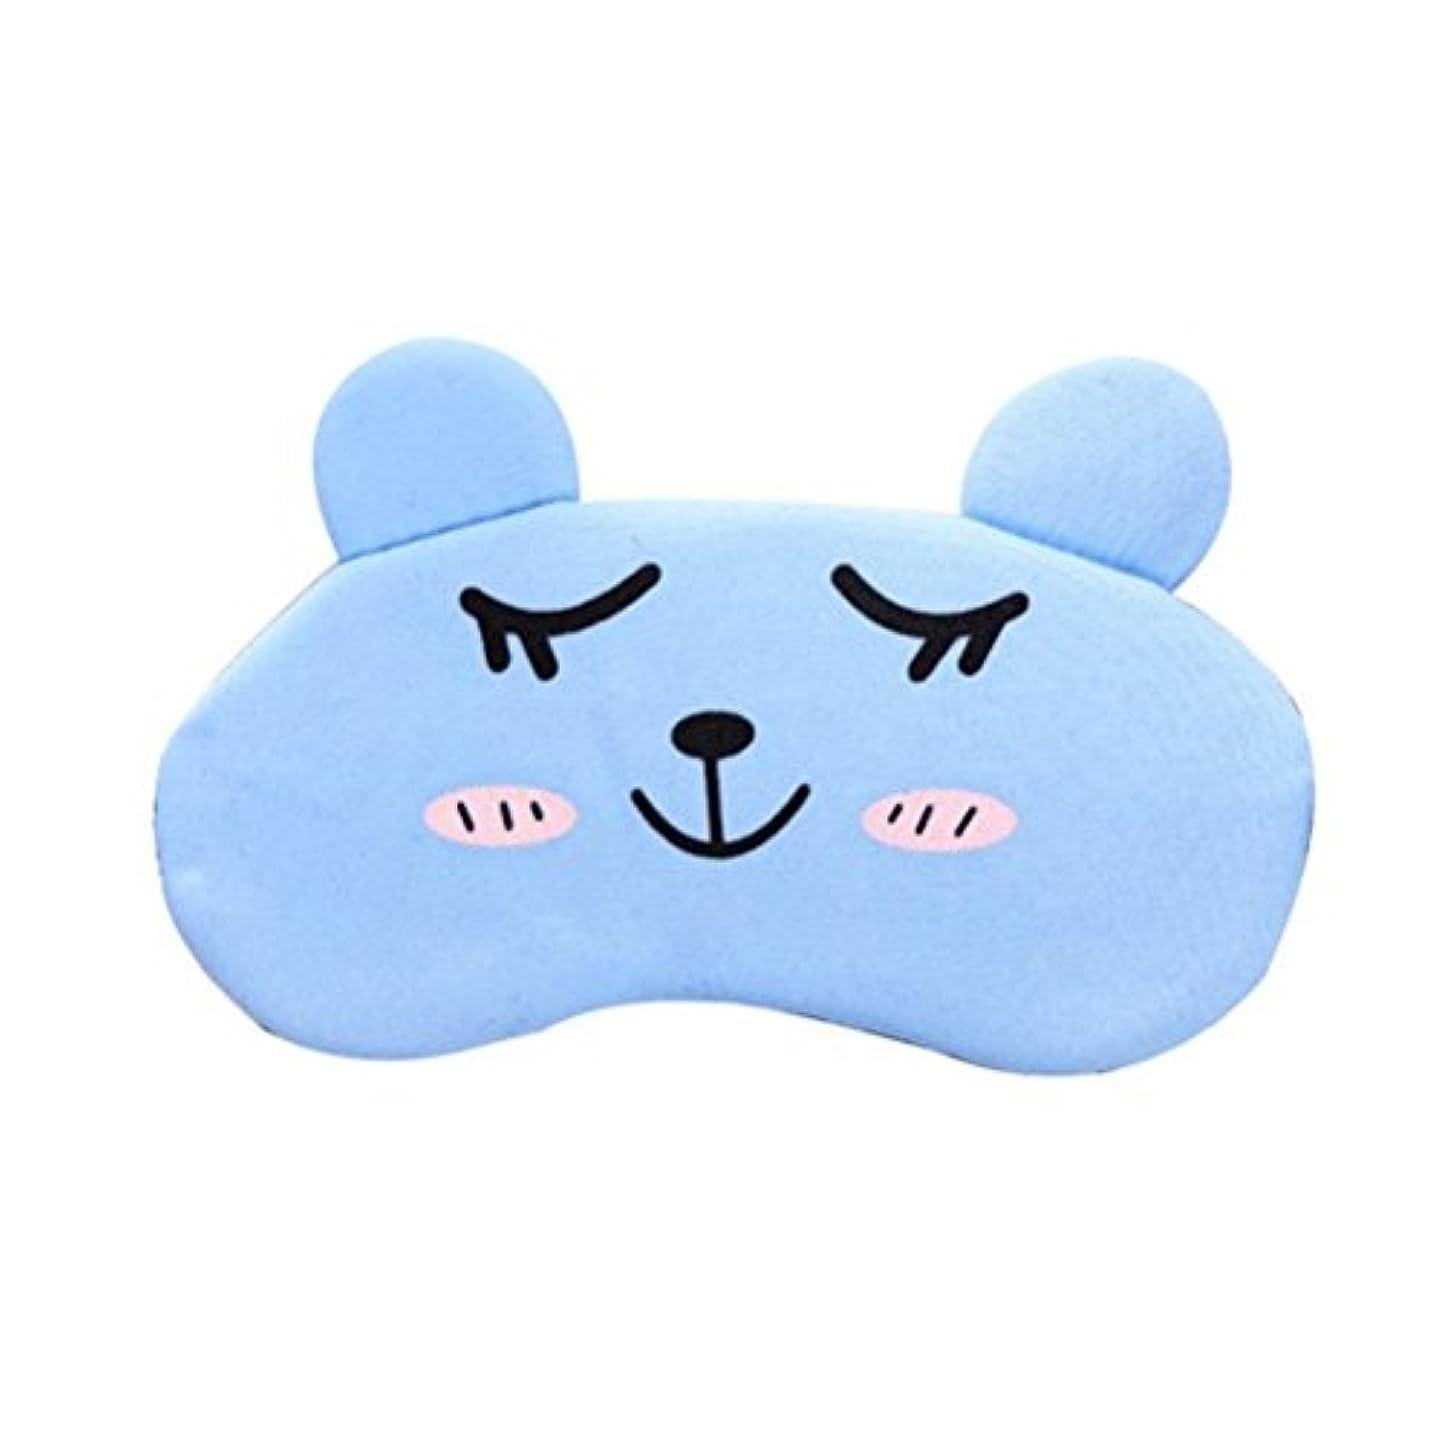 アクセスできないはっきりしないボックスROSENICE スリープマスク 睡眠昼寝の瞑想のための冷却アイシェード目隠し(青)